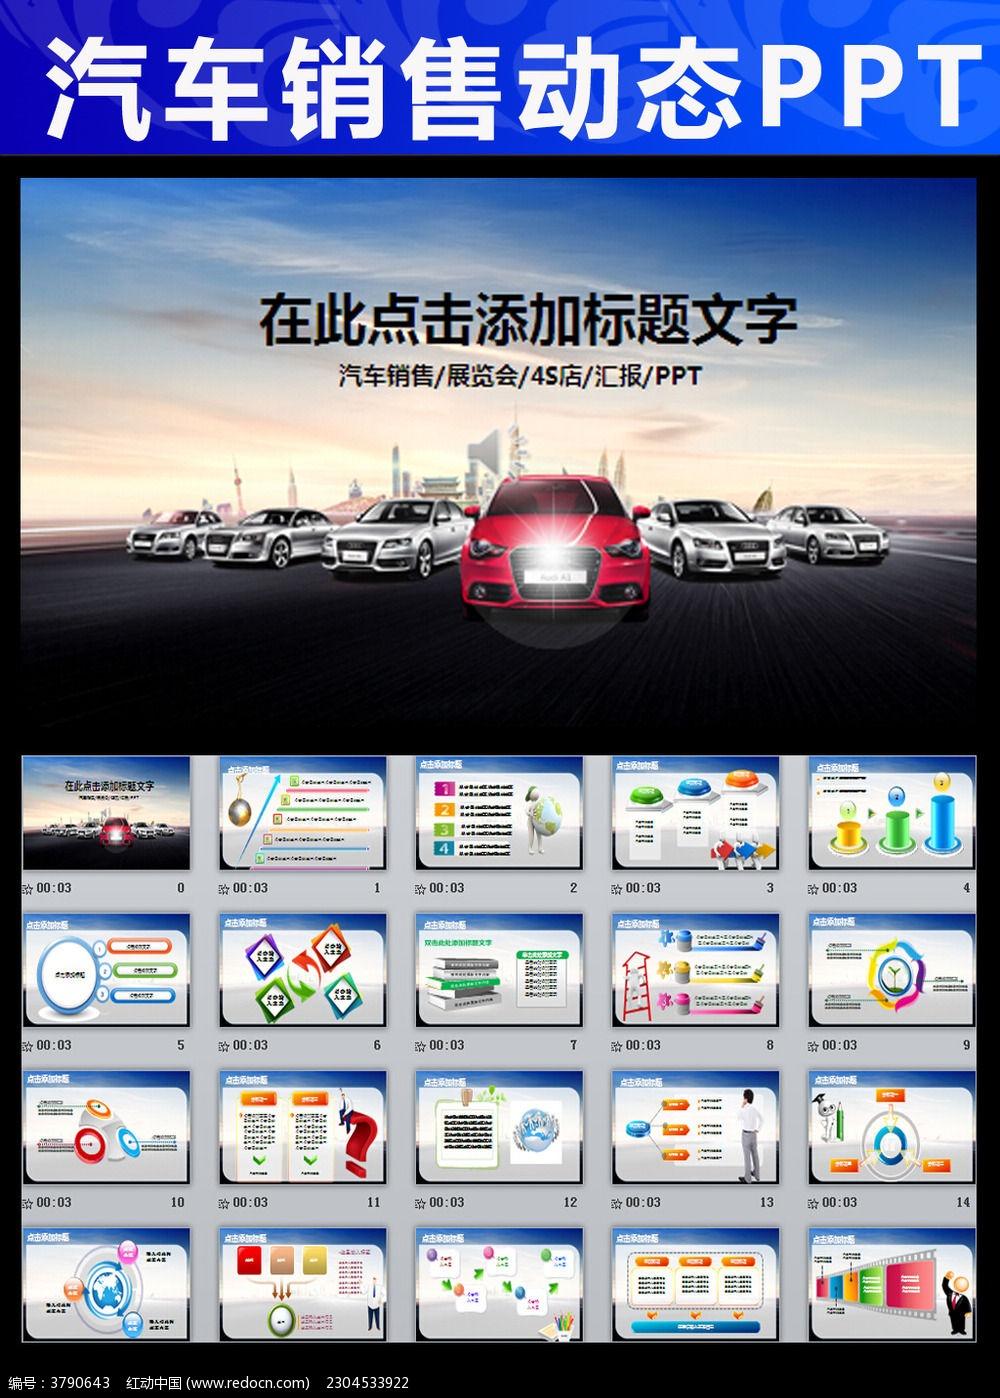 汽车4s店生产销售保养汽配公司ppt